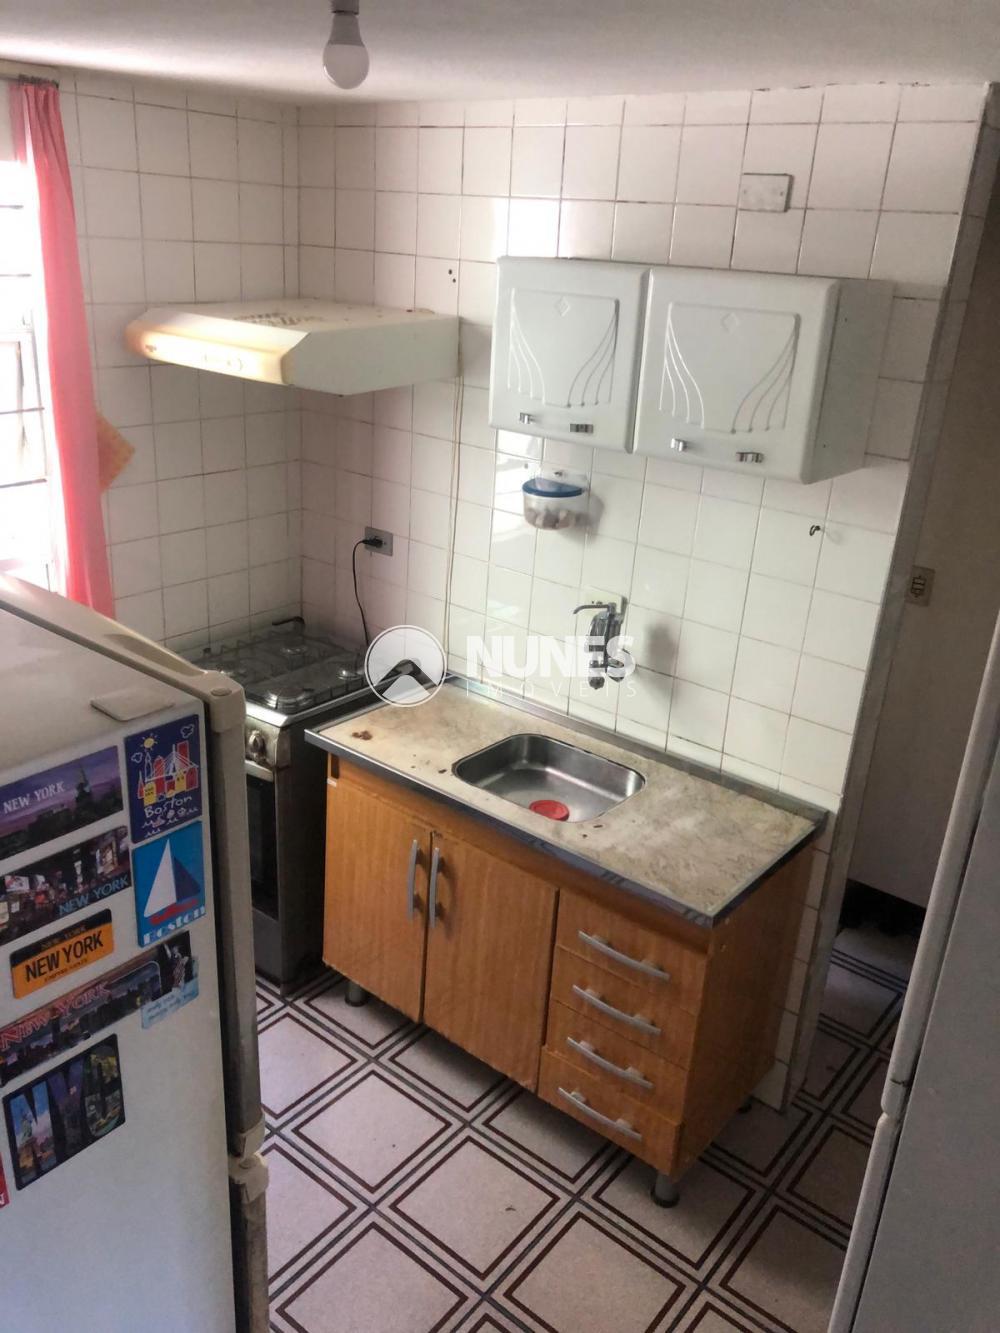 Comprar Apartamento / Padrão em Carapicuíba R$ 165.000,00 - Foto 4